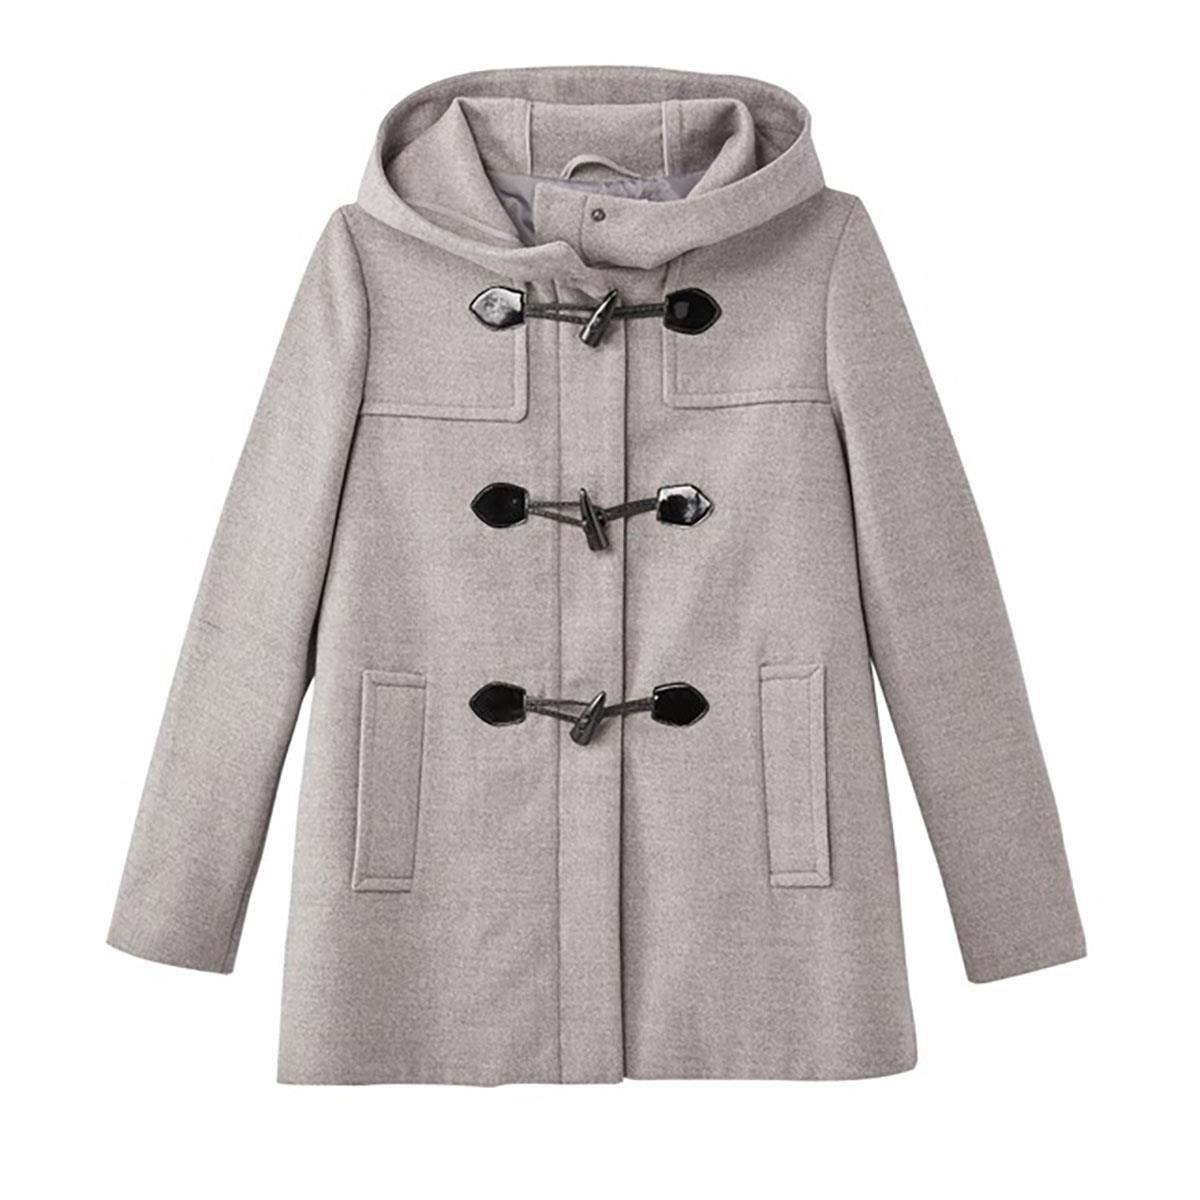 2f8c1965691 Rebajas 2019  abrigos baratos de mujer - InStyle